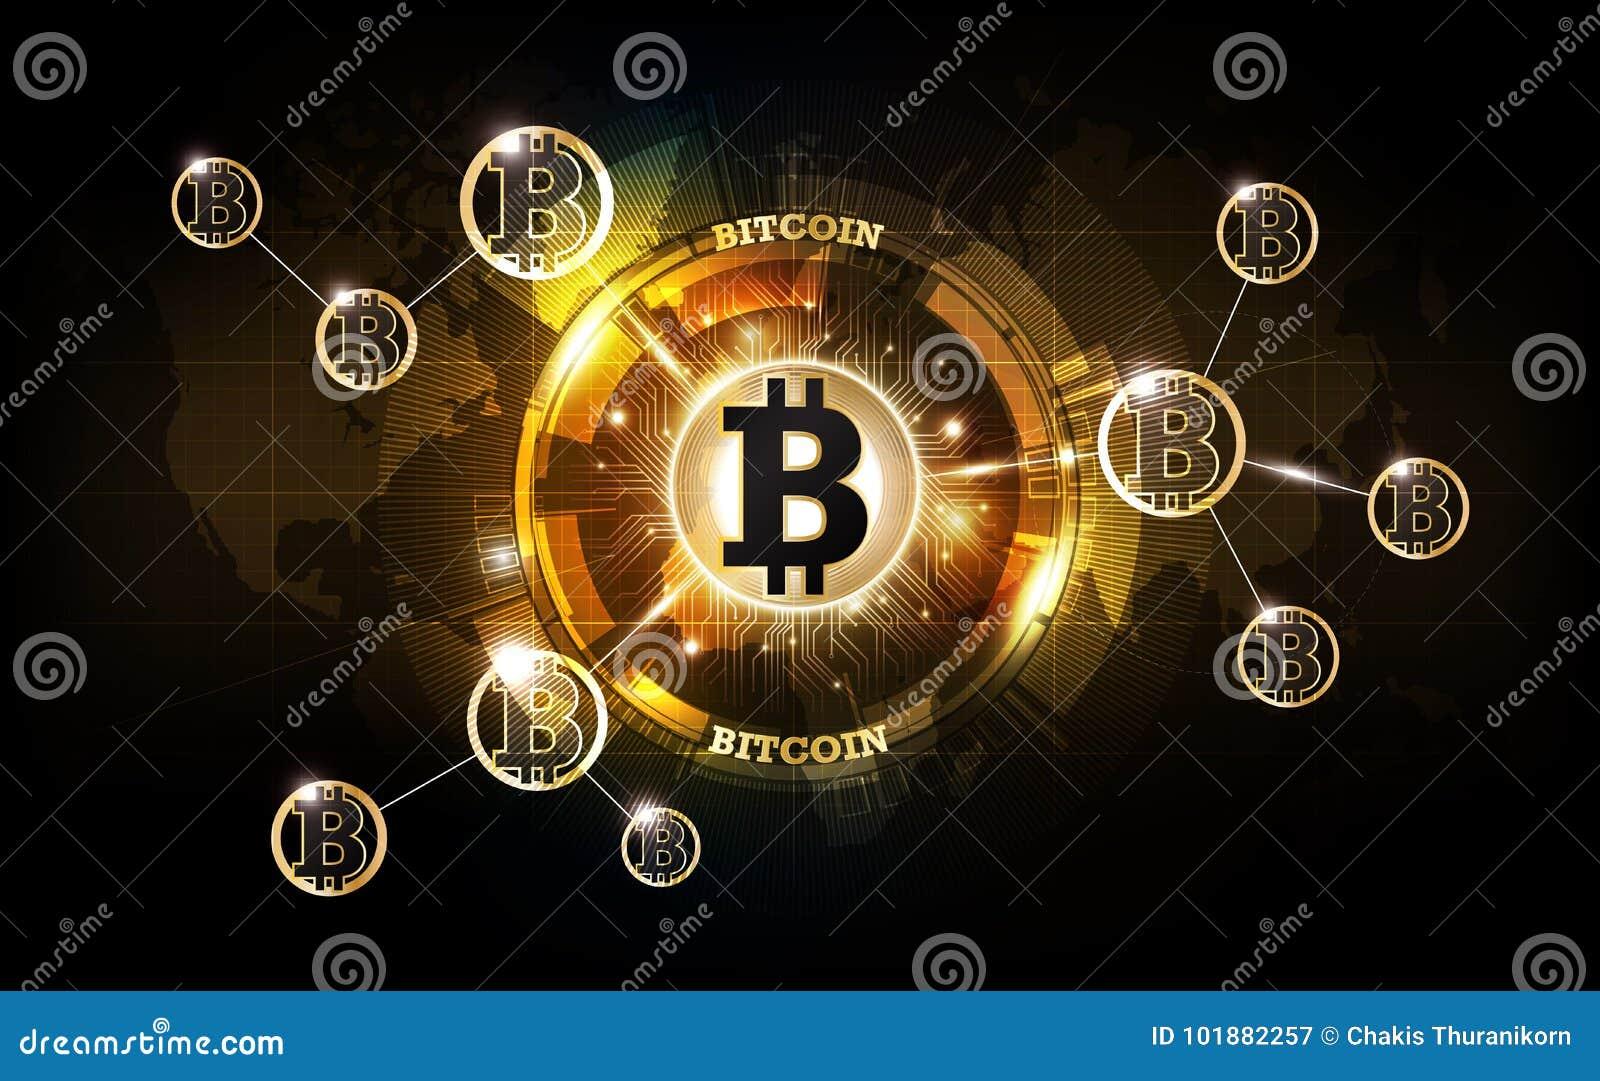 Digitaal geld: wat is Bitcoin nu eigenlijk?